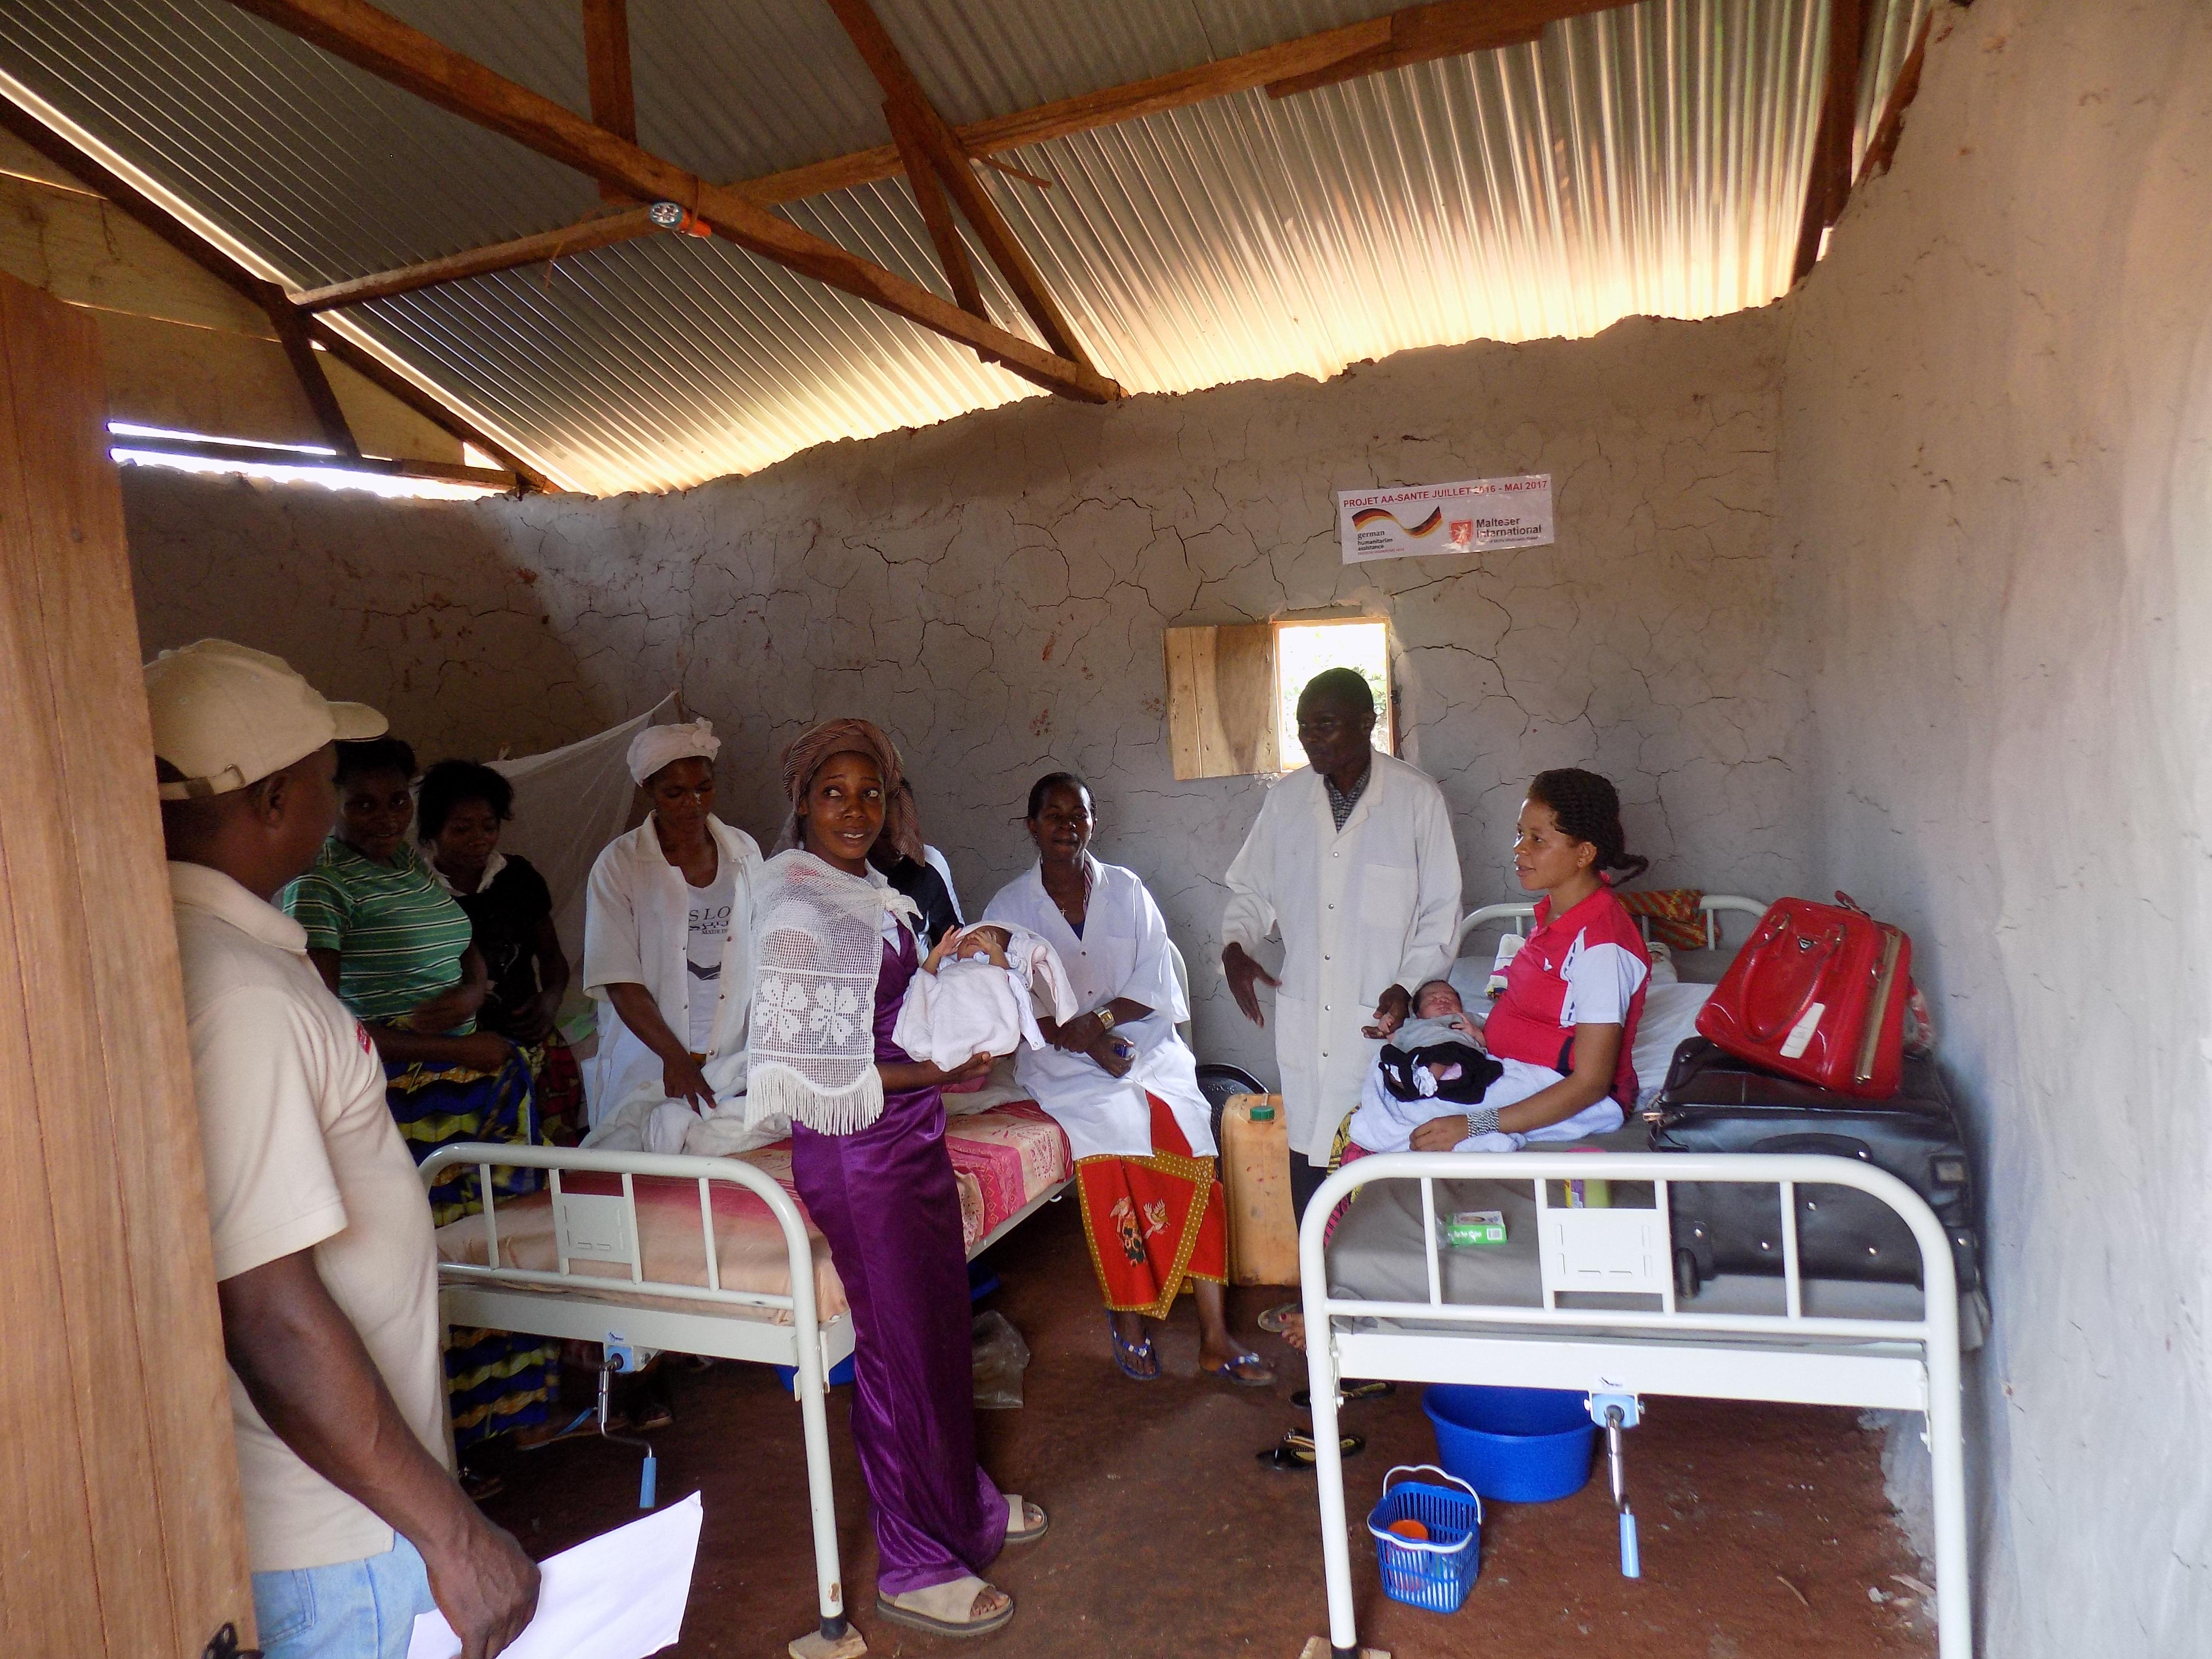 DR Congo: Fighting Ebola